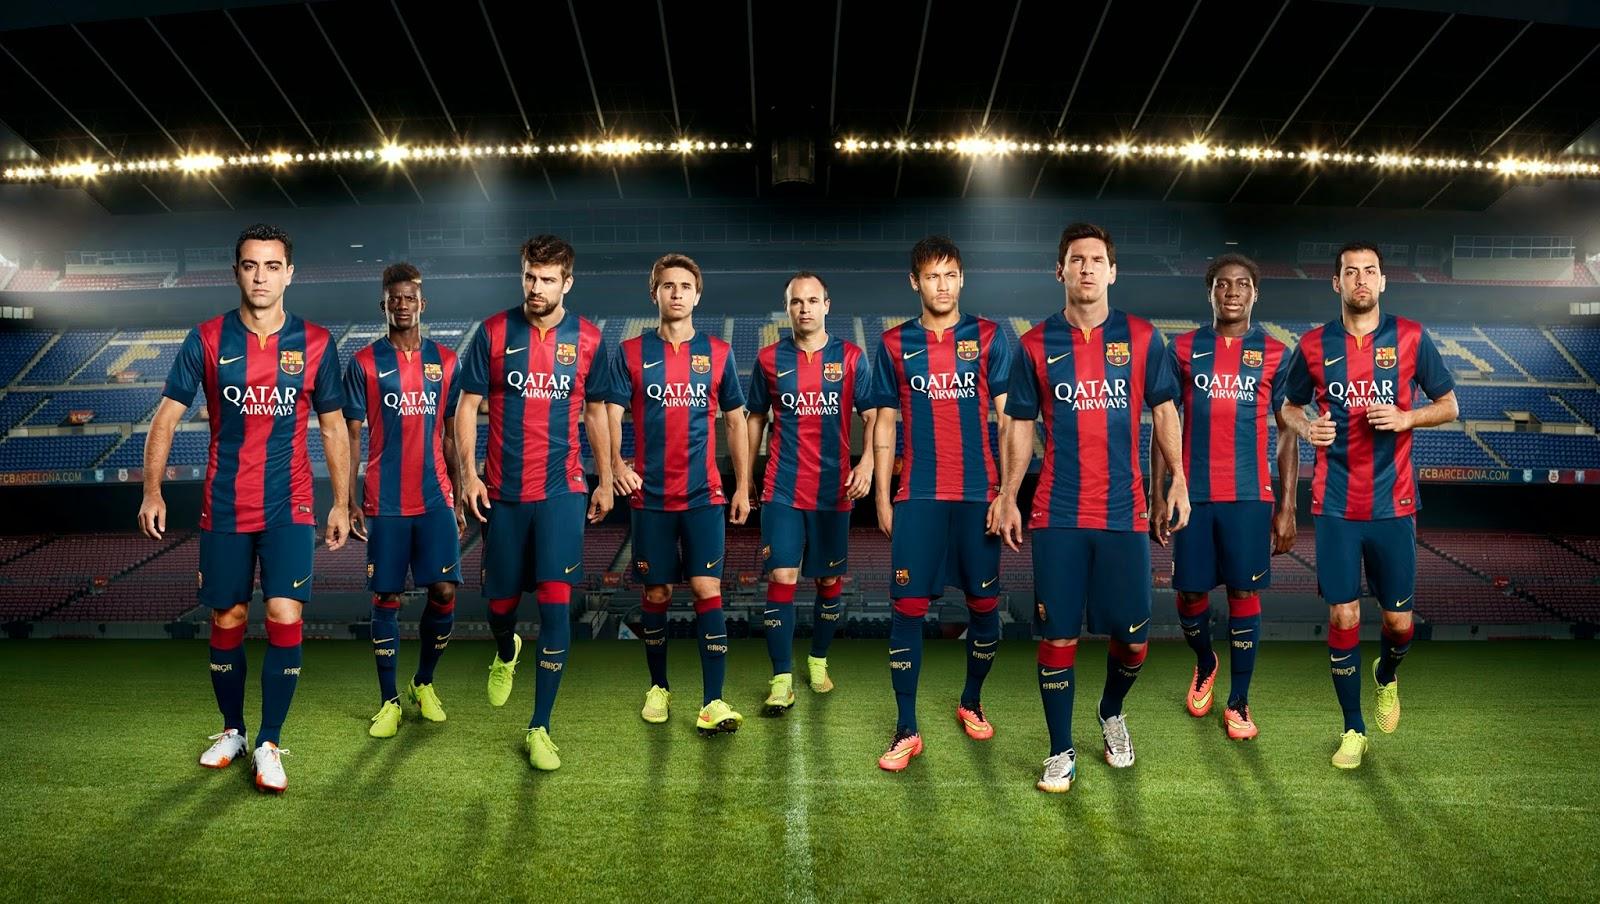 FCB Barcelona Home Kit 2014-15